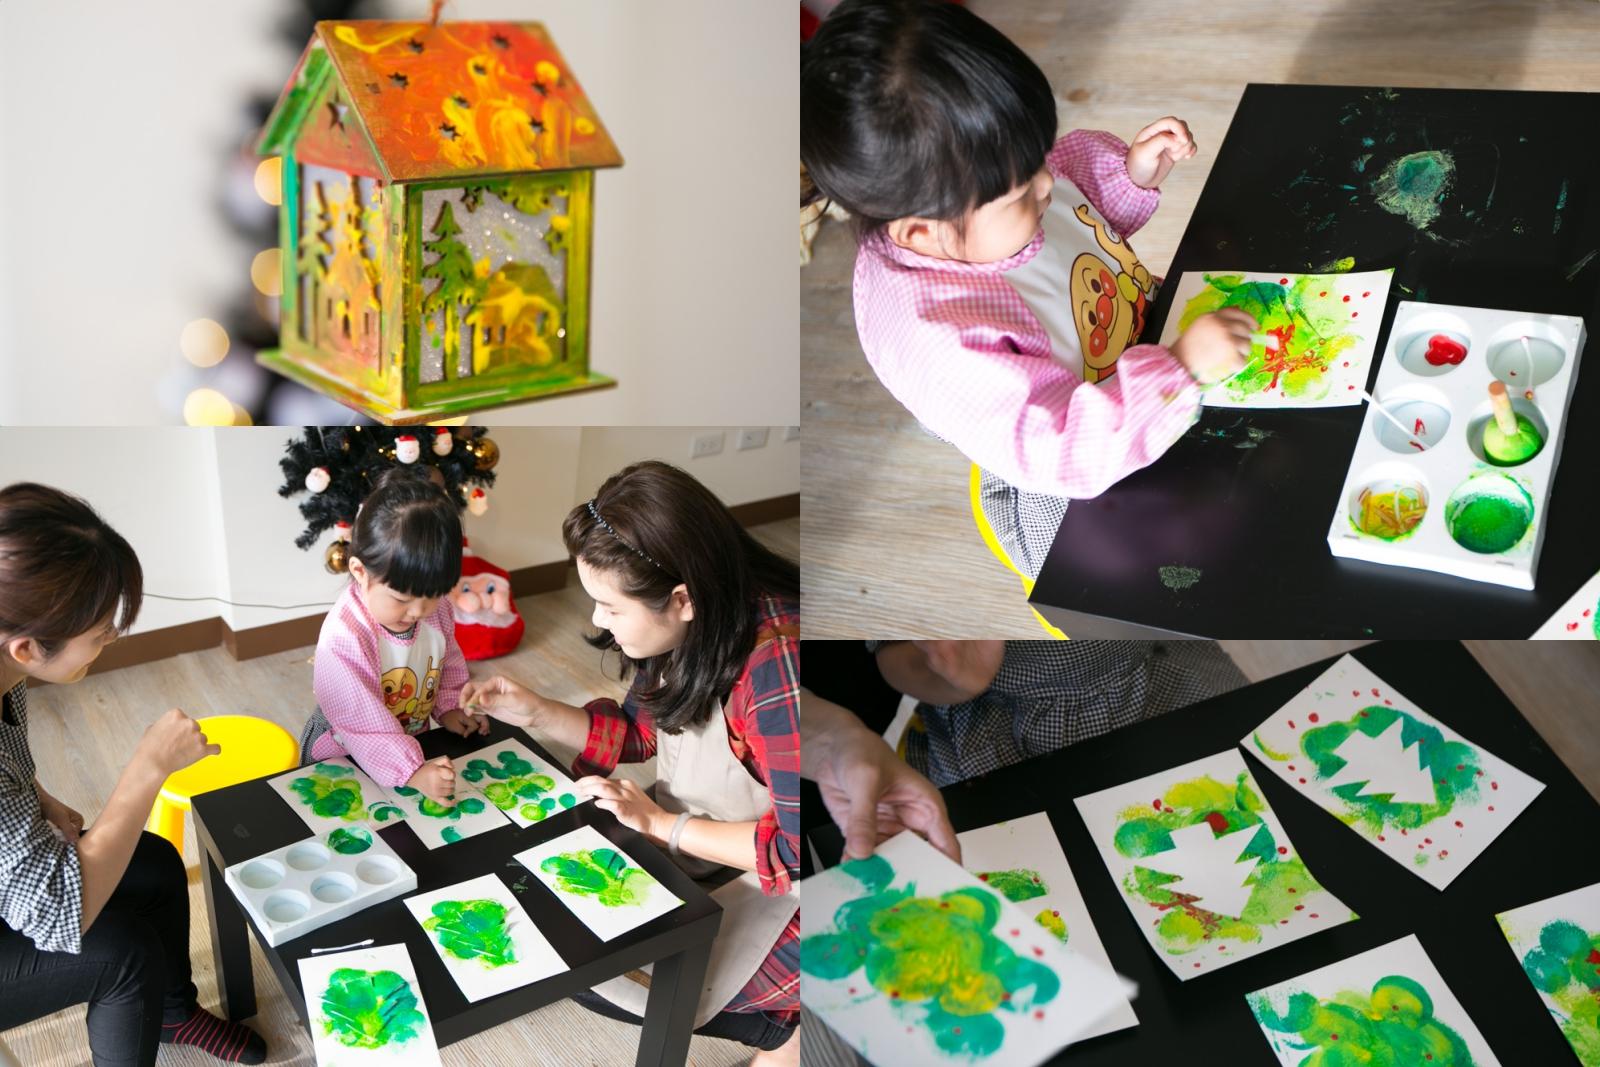 【分享】 台南 歸仁 一起來玩 Studio畫室 耶誕卡片夜燈製作!兒童美語繪畫才藝班!